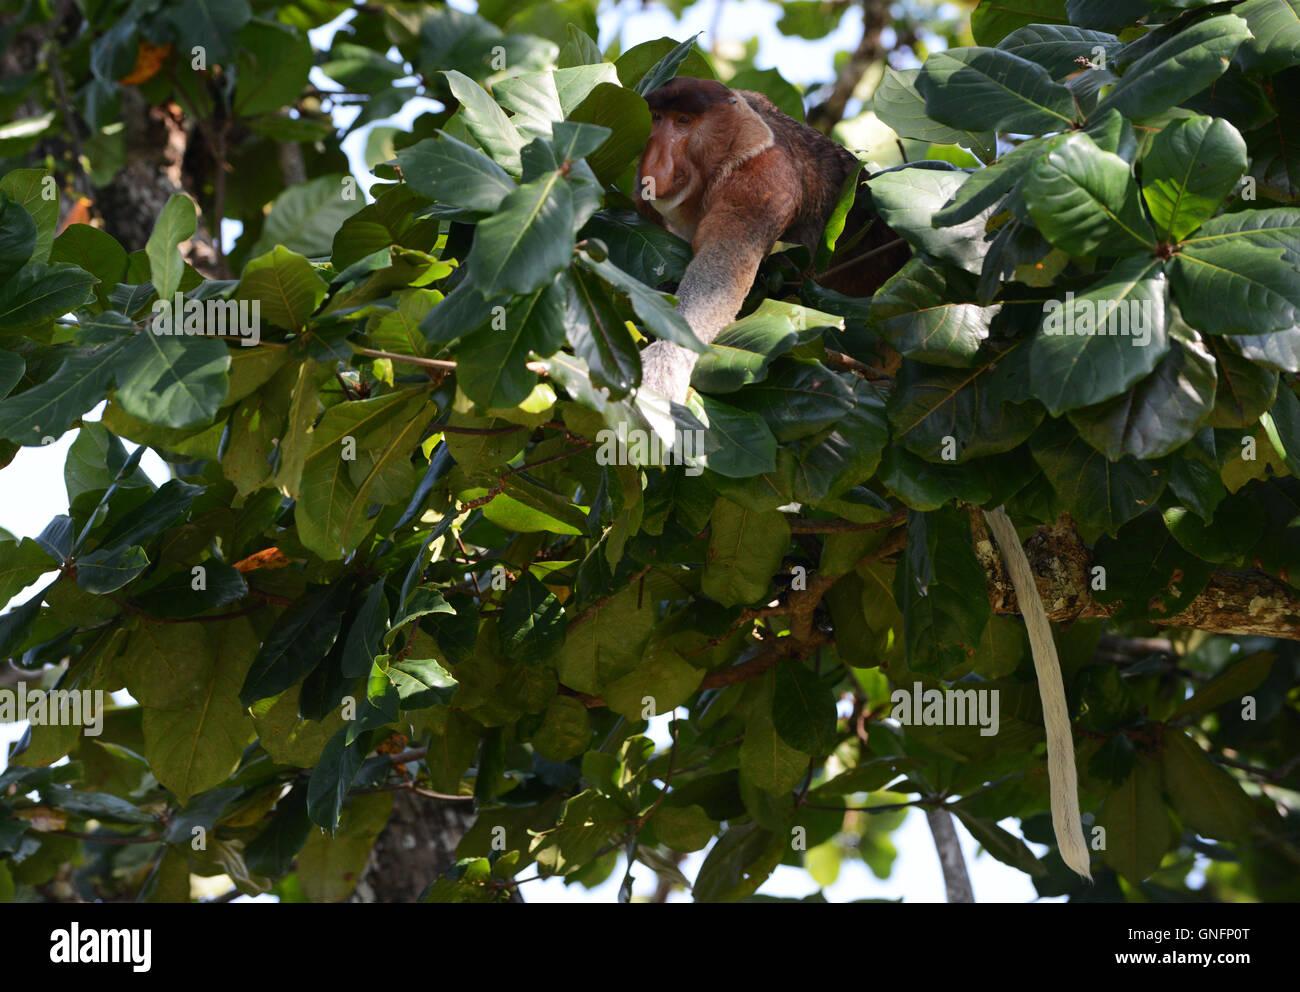 Una Probóscide mono comiendo las hojas jóvenes en un árbol. Anillado de oro cat serpiente es justo debajo de él. Foto de stock